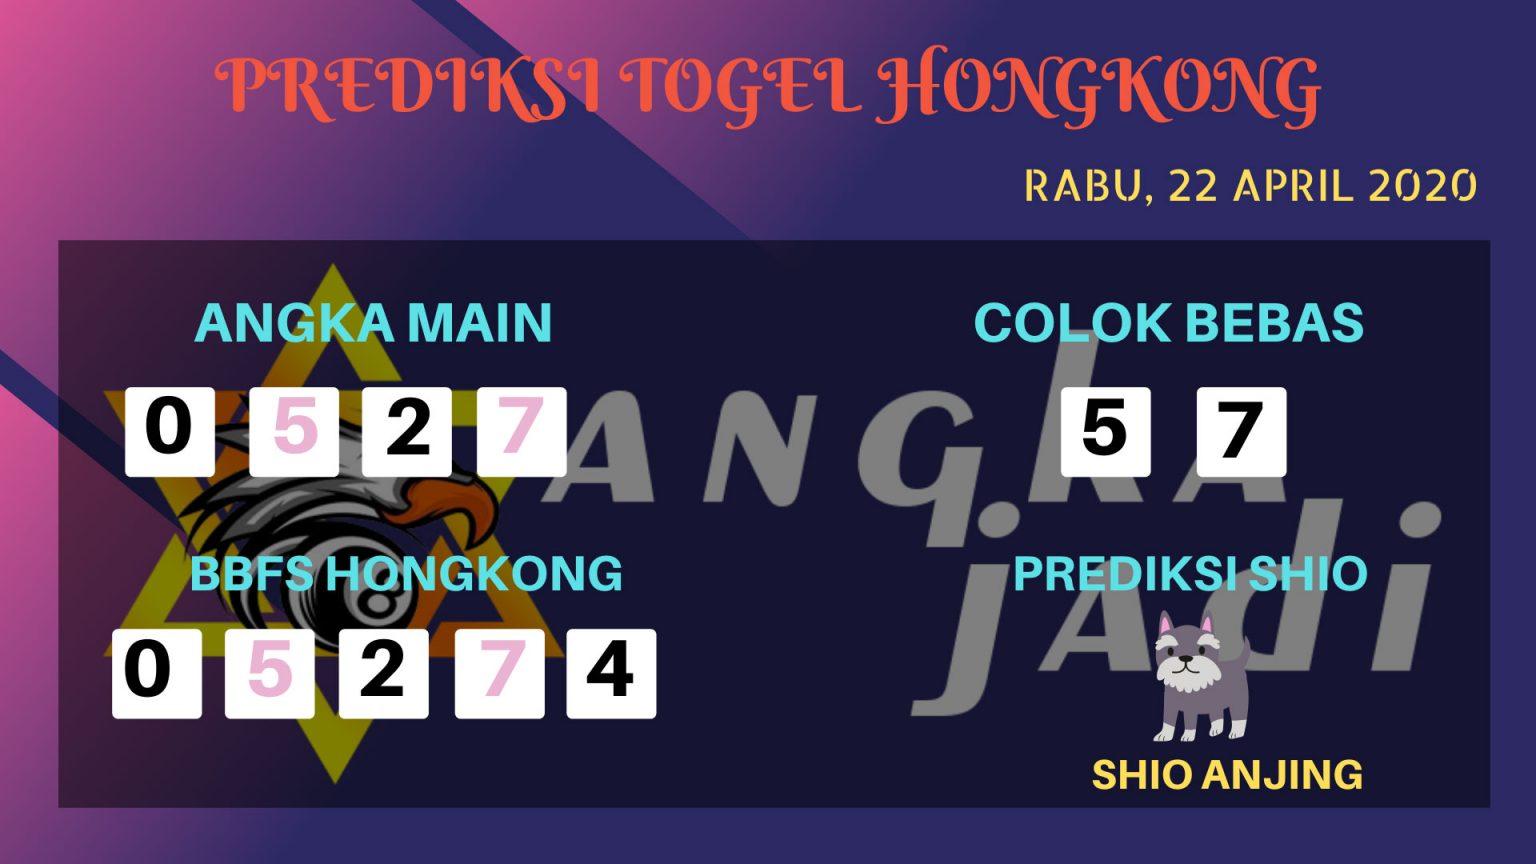 Prediksi HK 22 April 2020 - Prediksi Angka HK